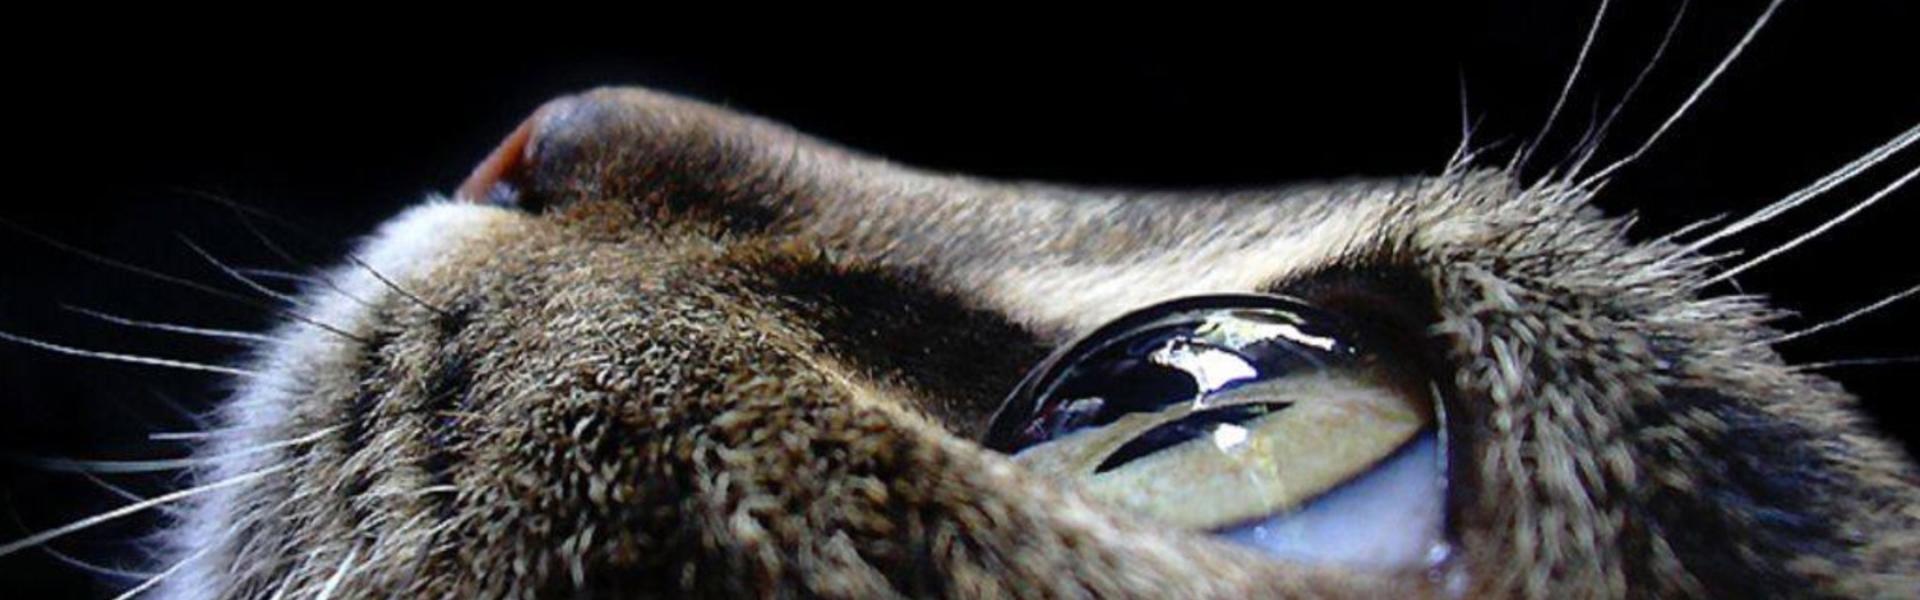 Cum văd animalele lumea? VIDEO